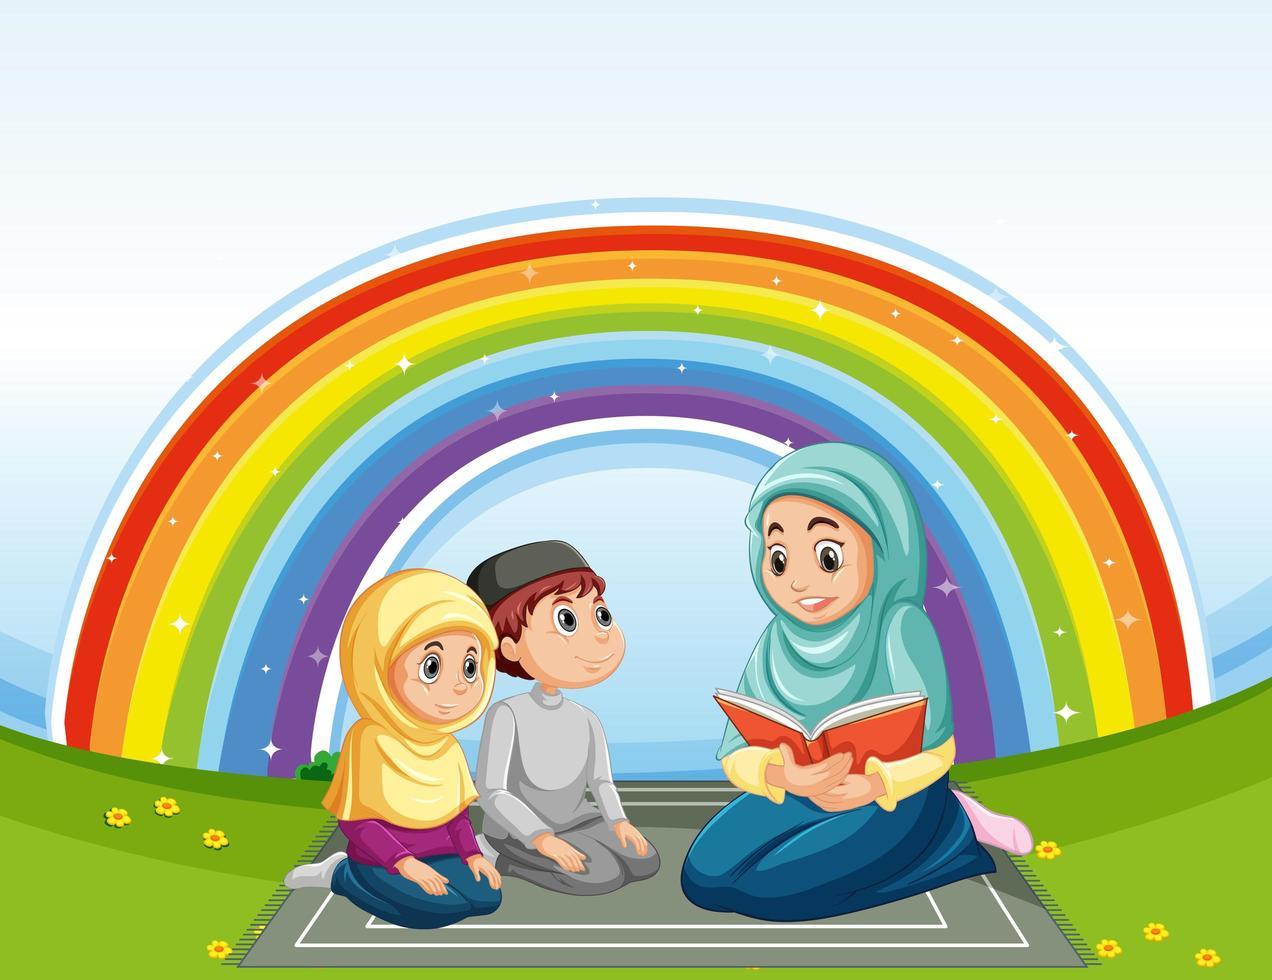 famille musulmane arabe en costume traditionnel et arc en ciel vecteur